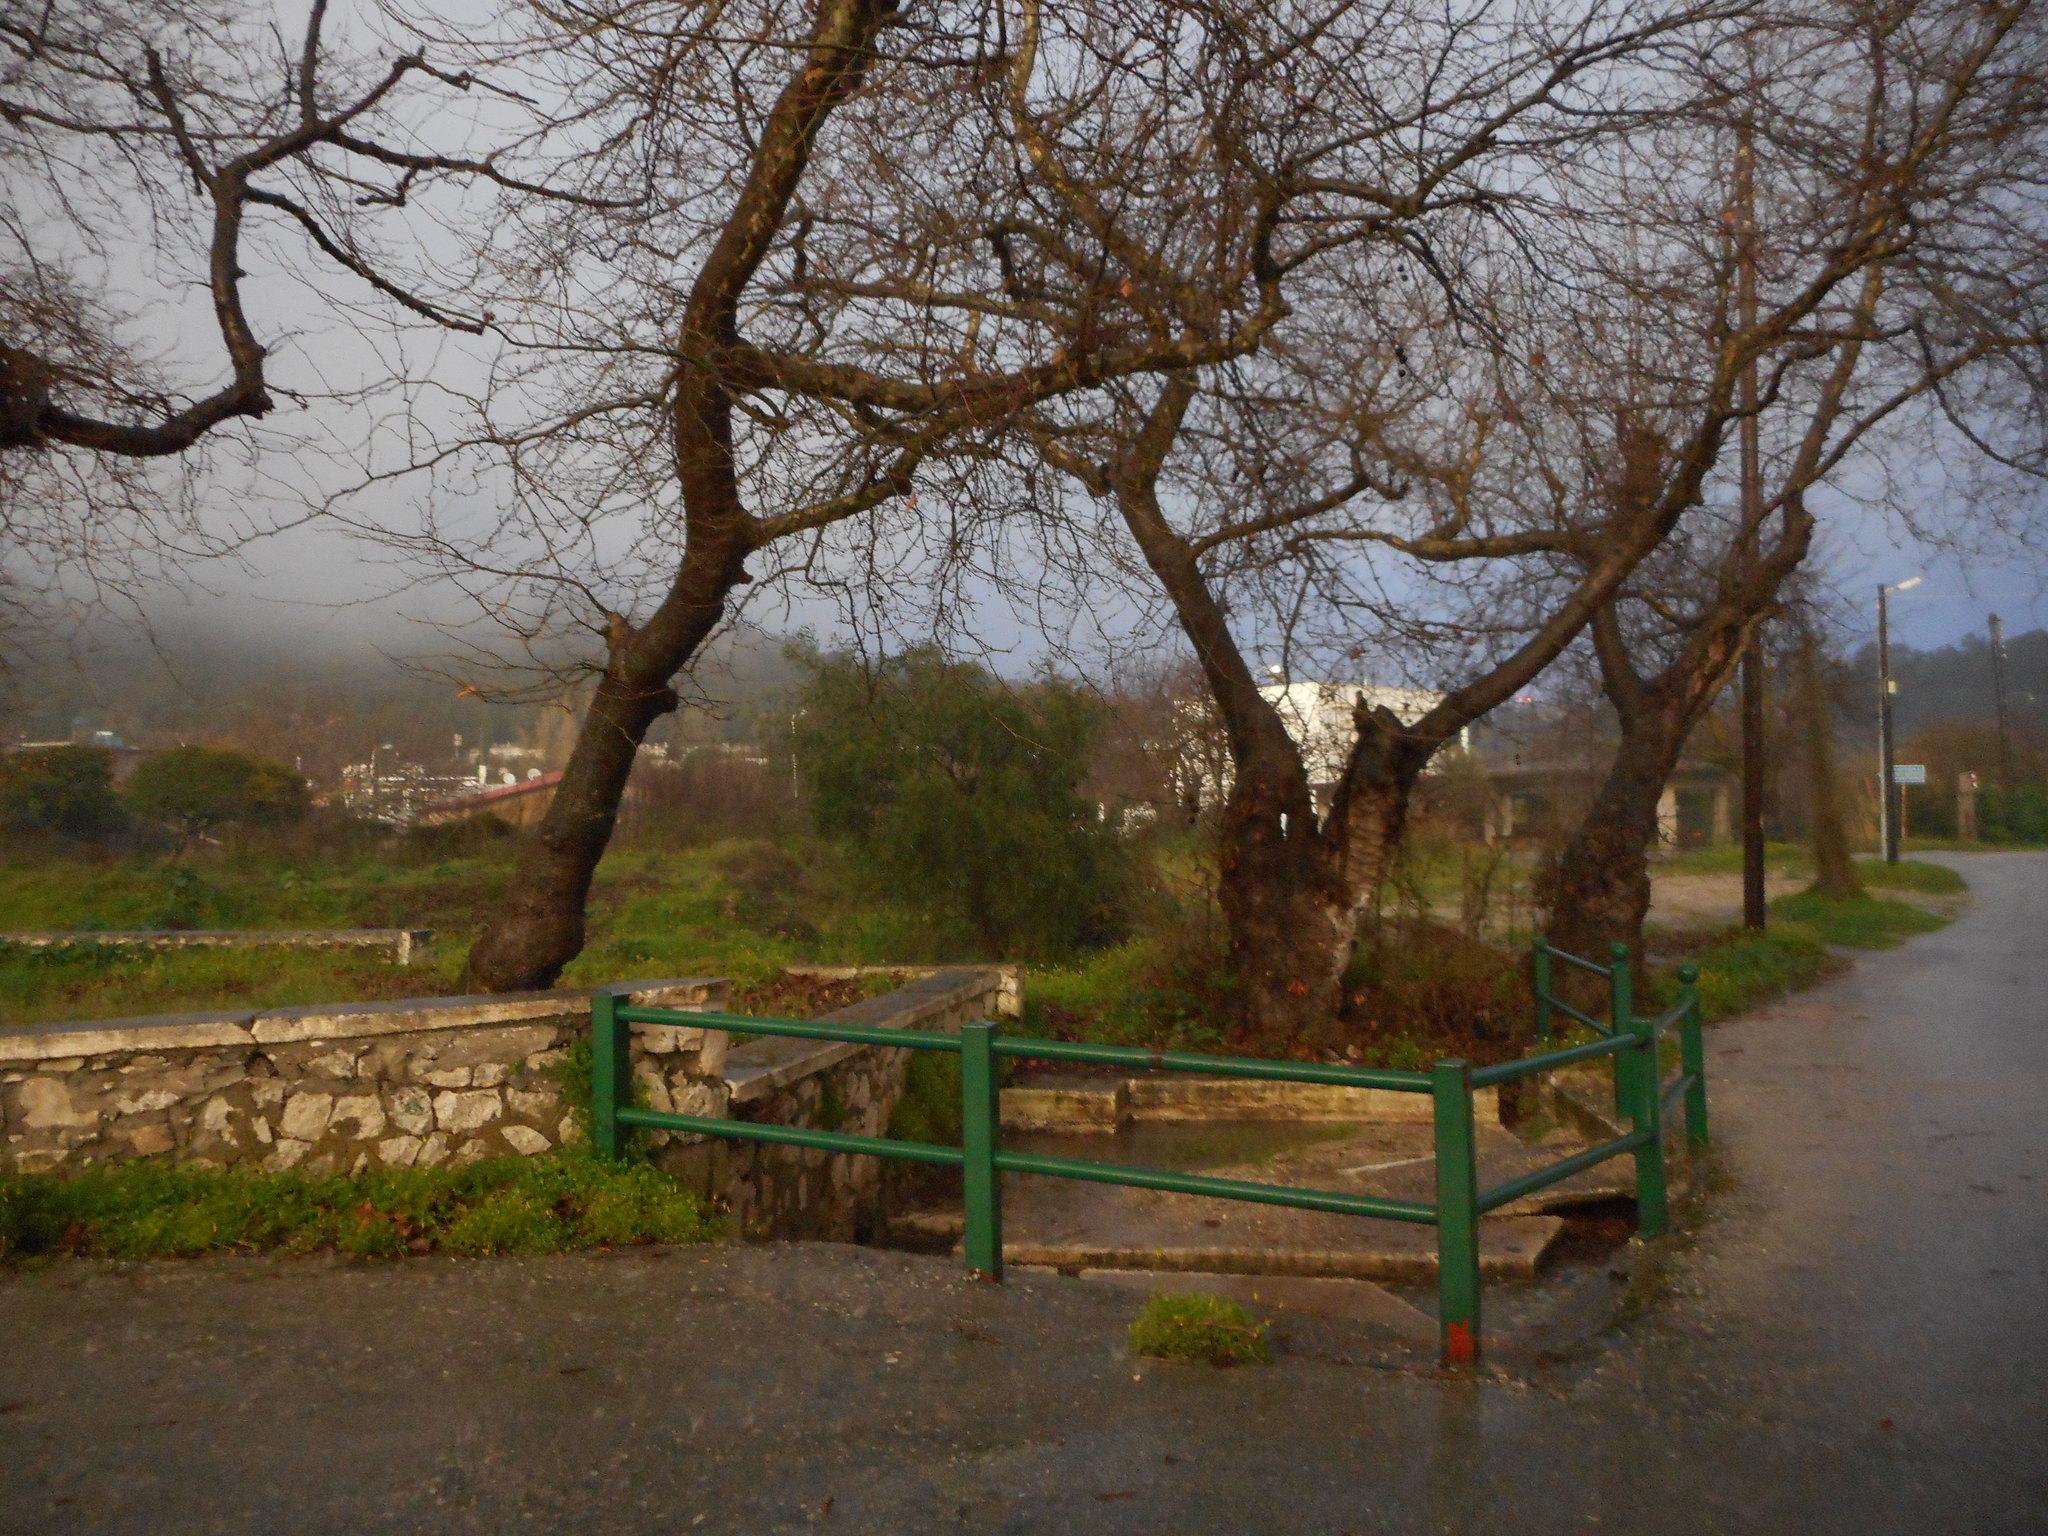 Βροχερός ο καιρός τις τελευταίες μέρες του χειμώνα στη Ψίνθο